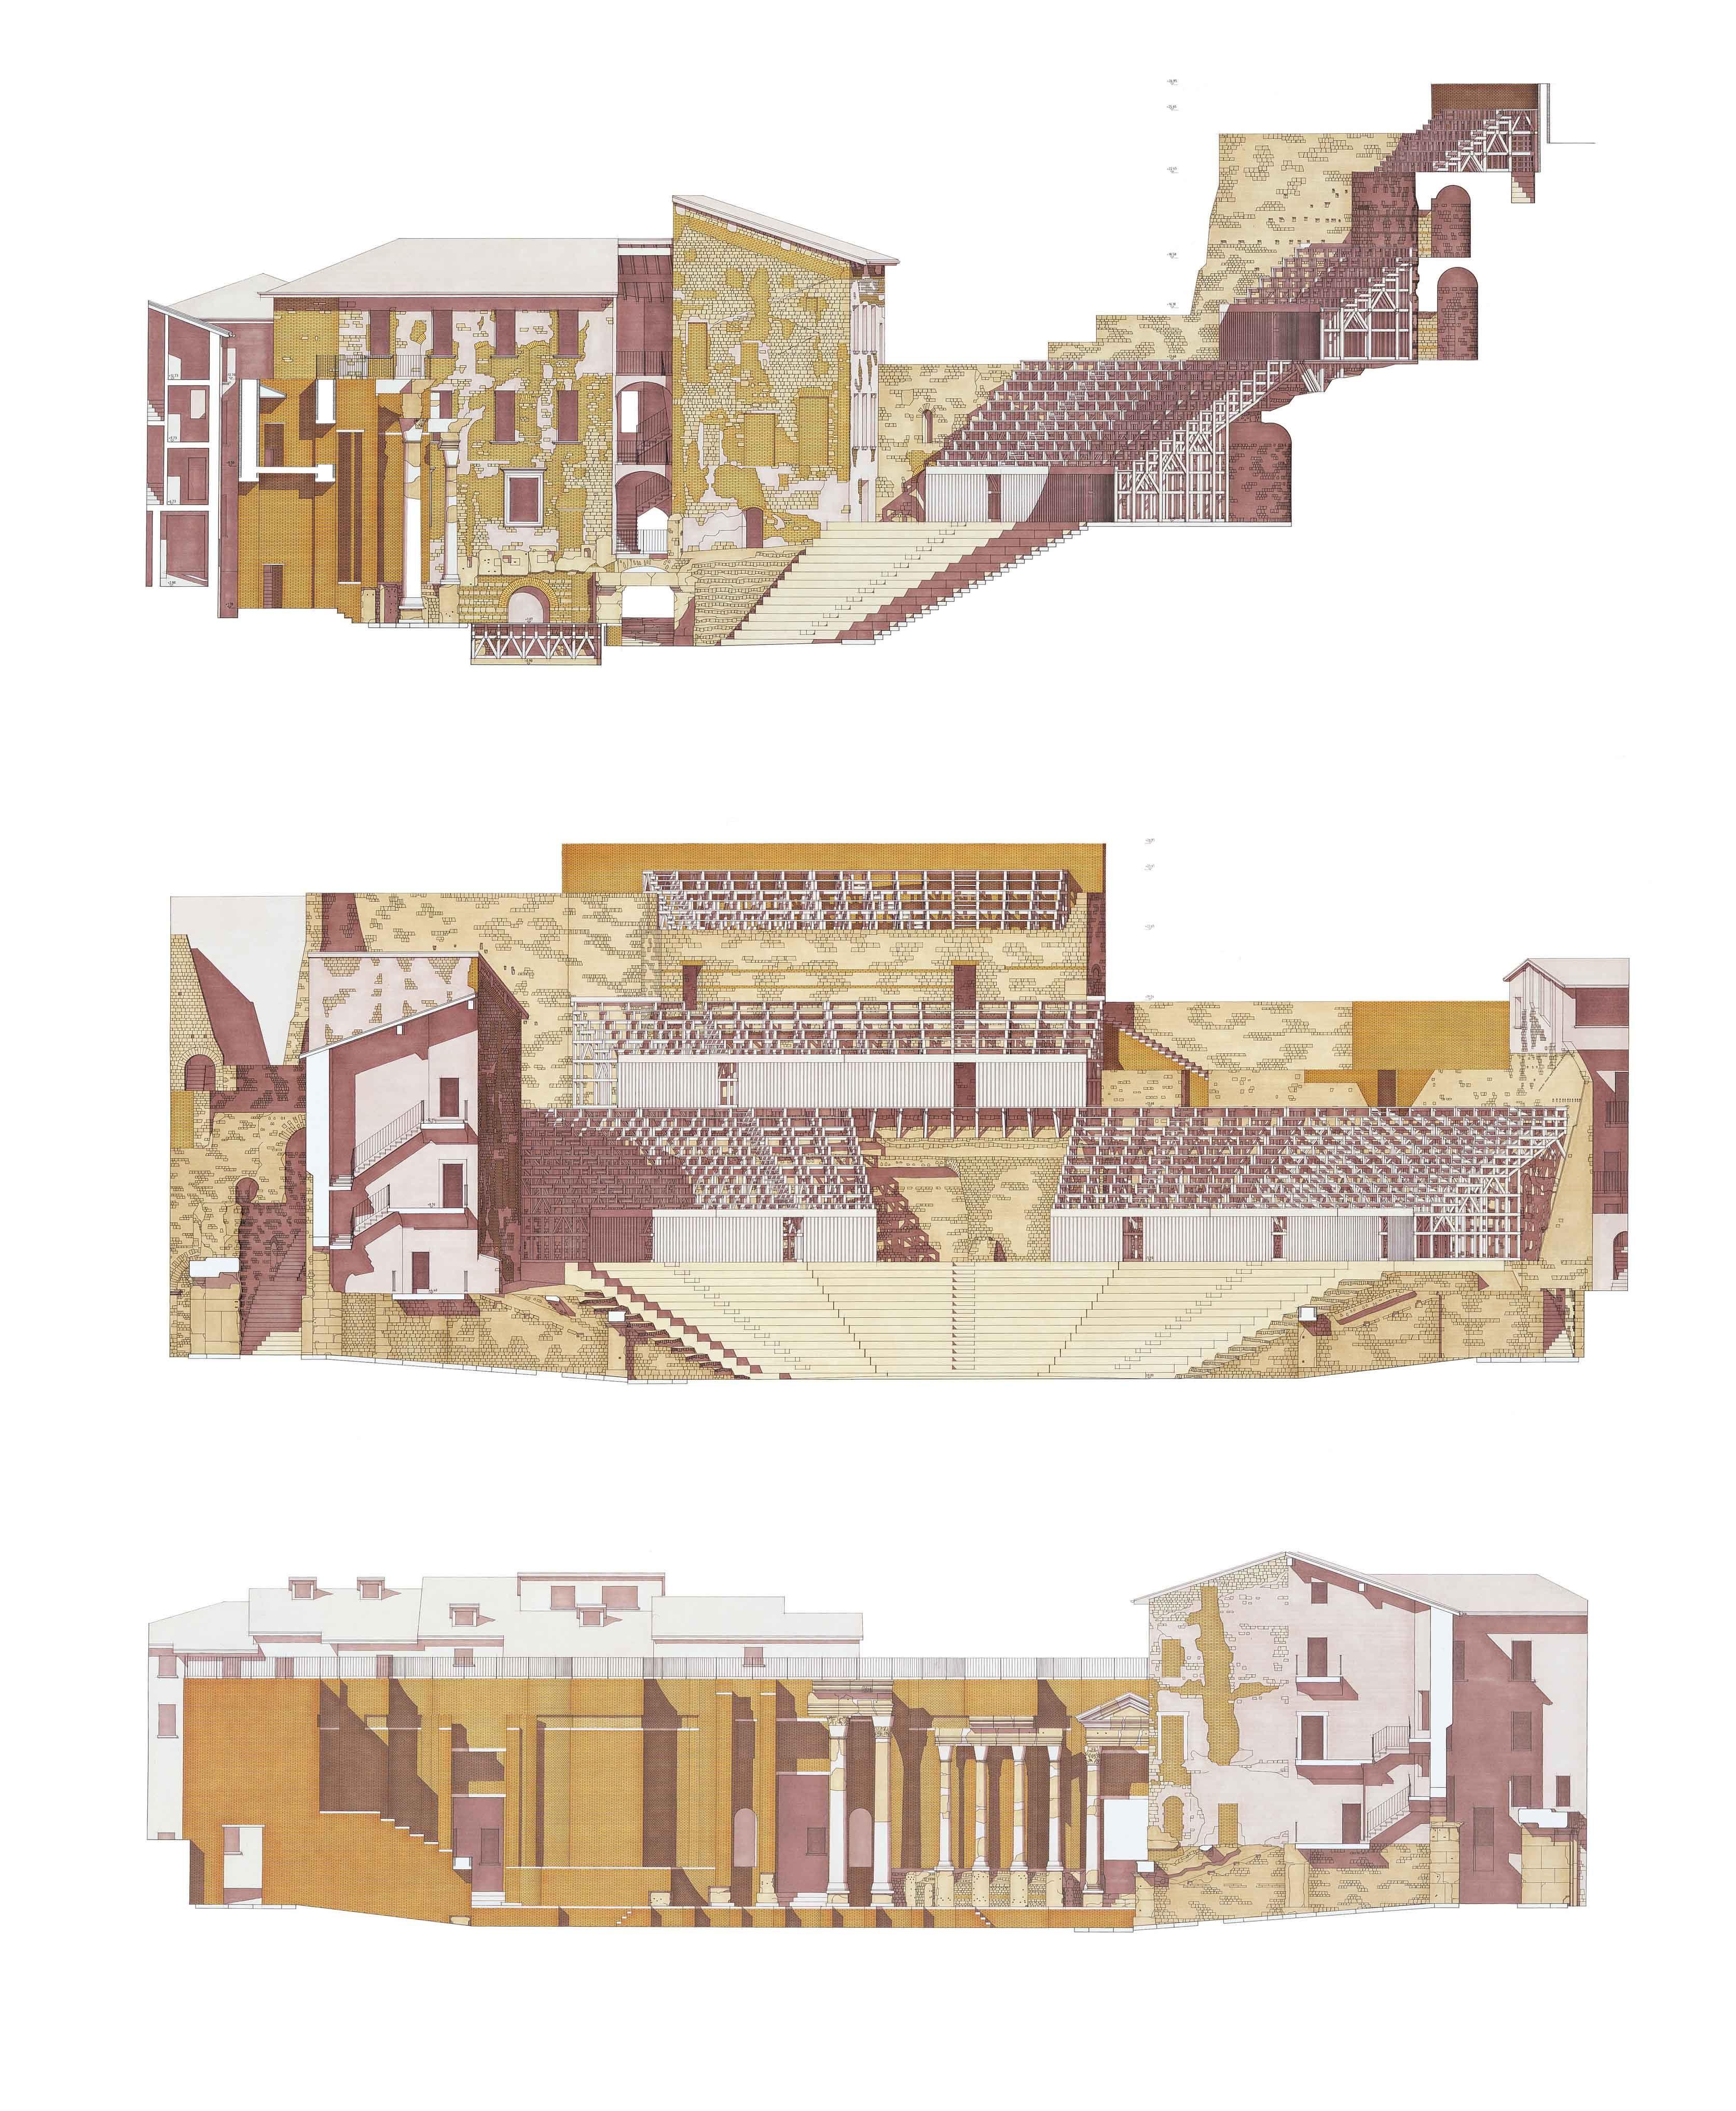 Progetto per il teatro romano di brescia 2000 progetti for Architetto brescia